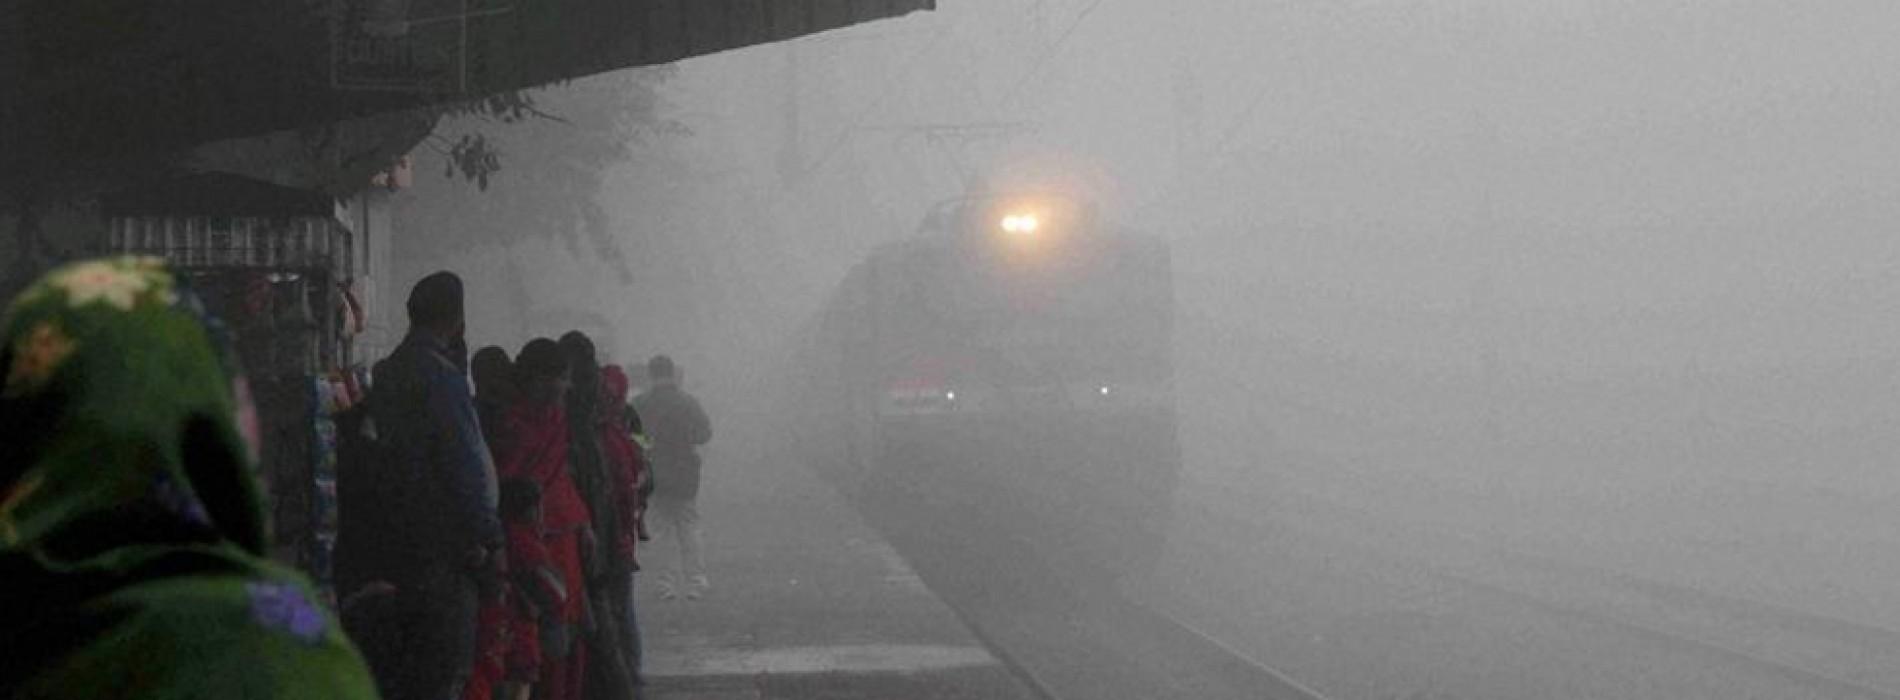 Dense fog in north India delays train services